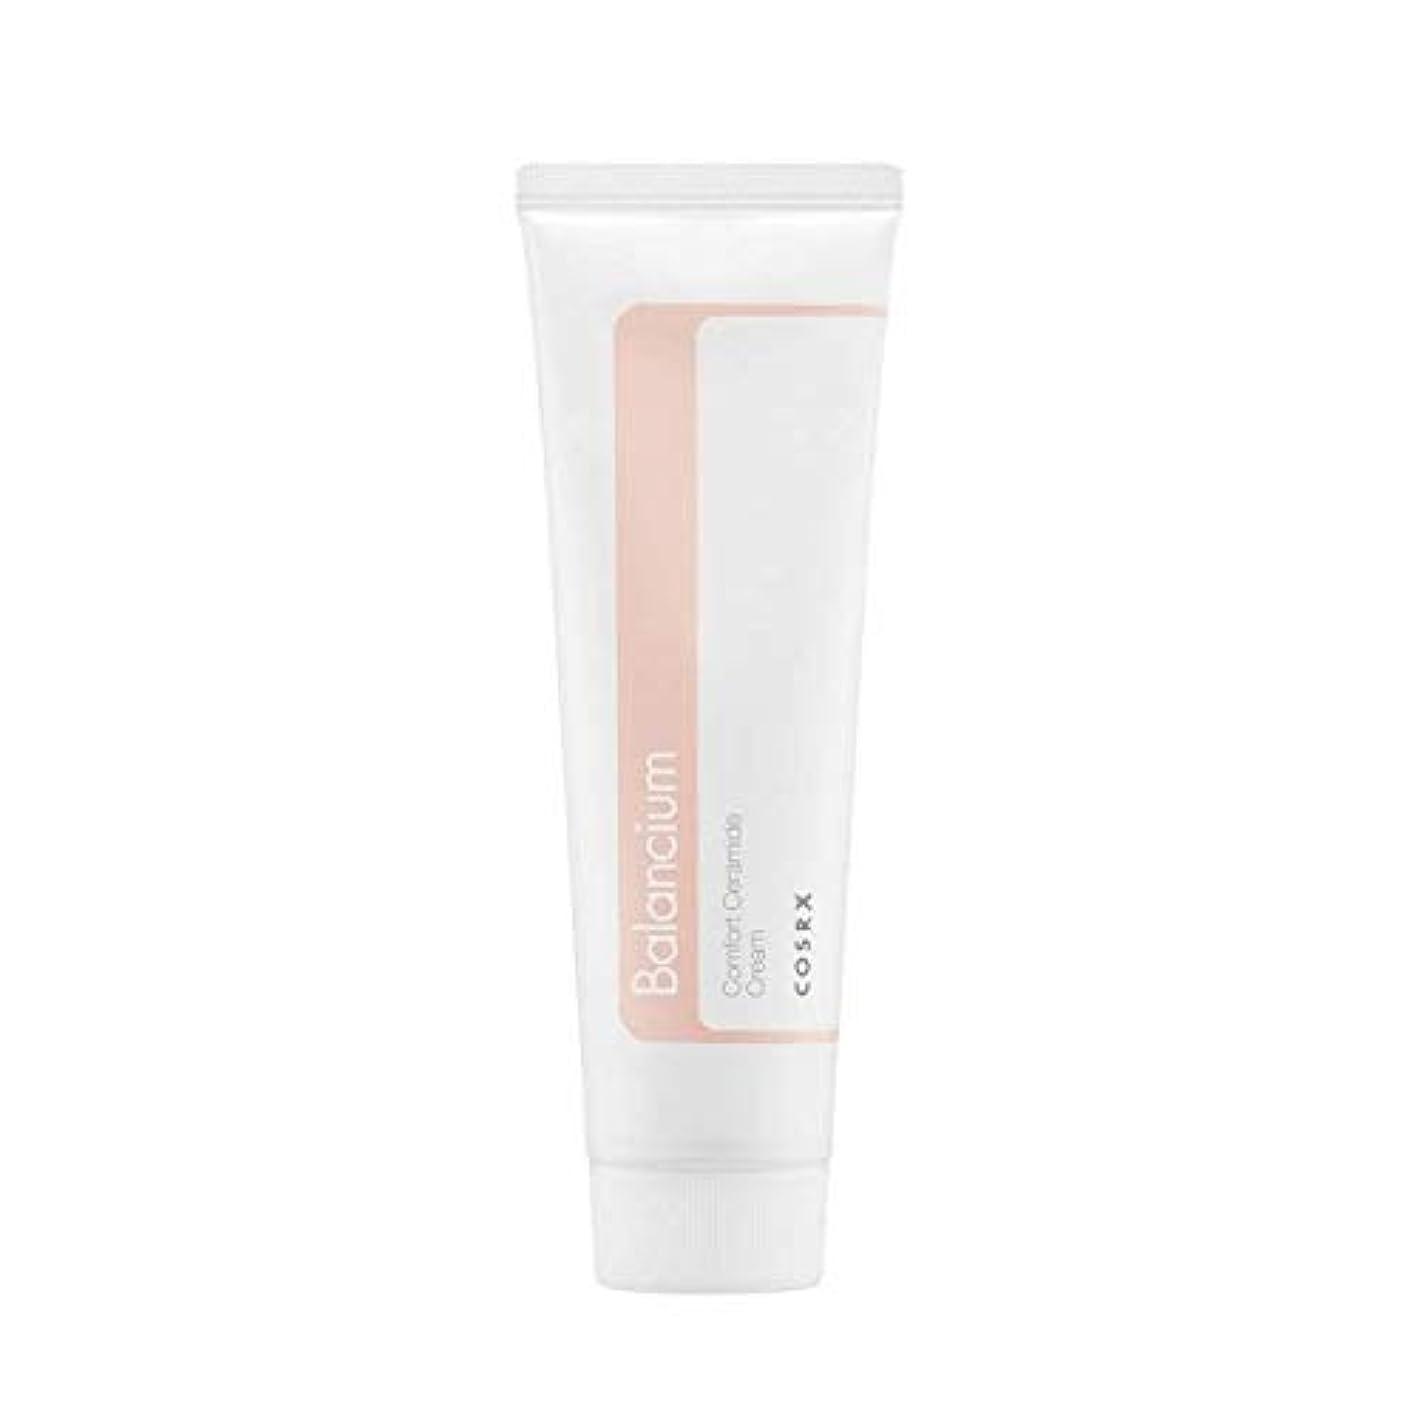 医薬品ショップお金COSRX バランシウム コンポート セラミド クリーム / Balancium Comfort Ceramide Cream (80g) [並行輸入品]